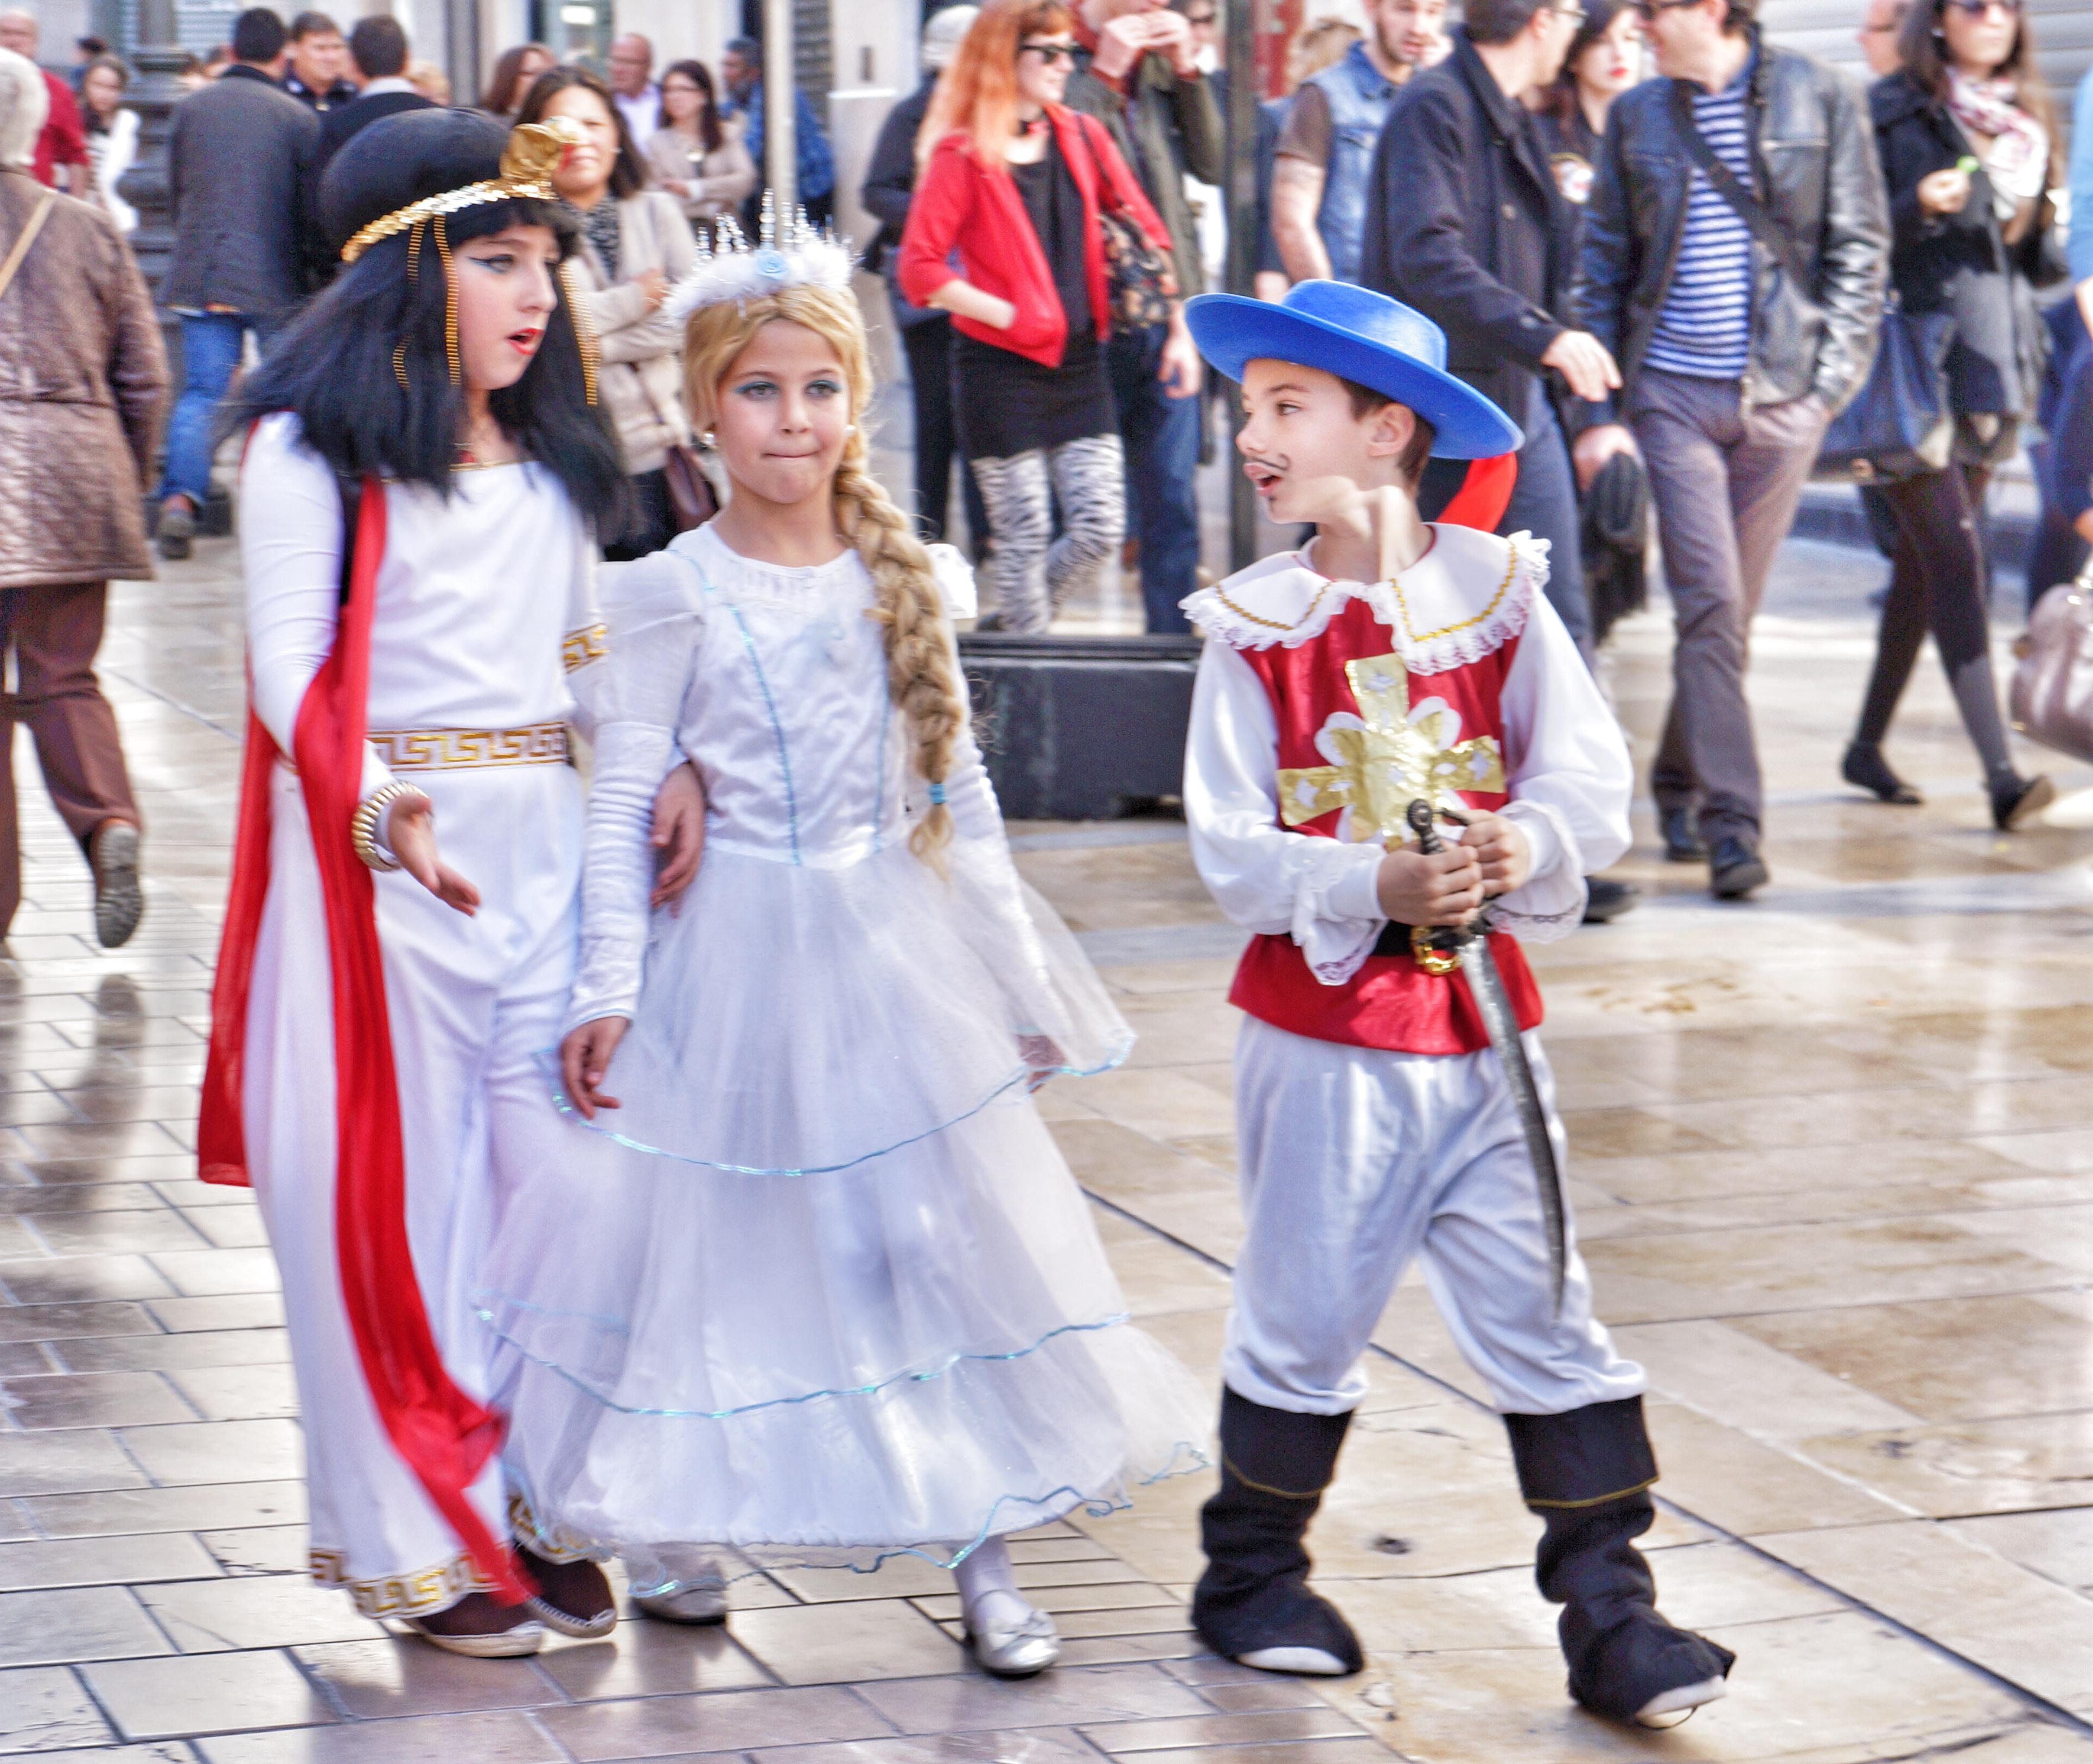 Carnaval de Malaga 2014